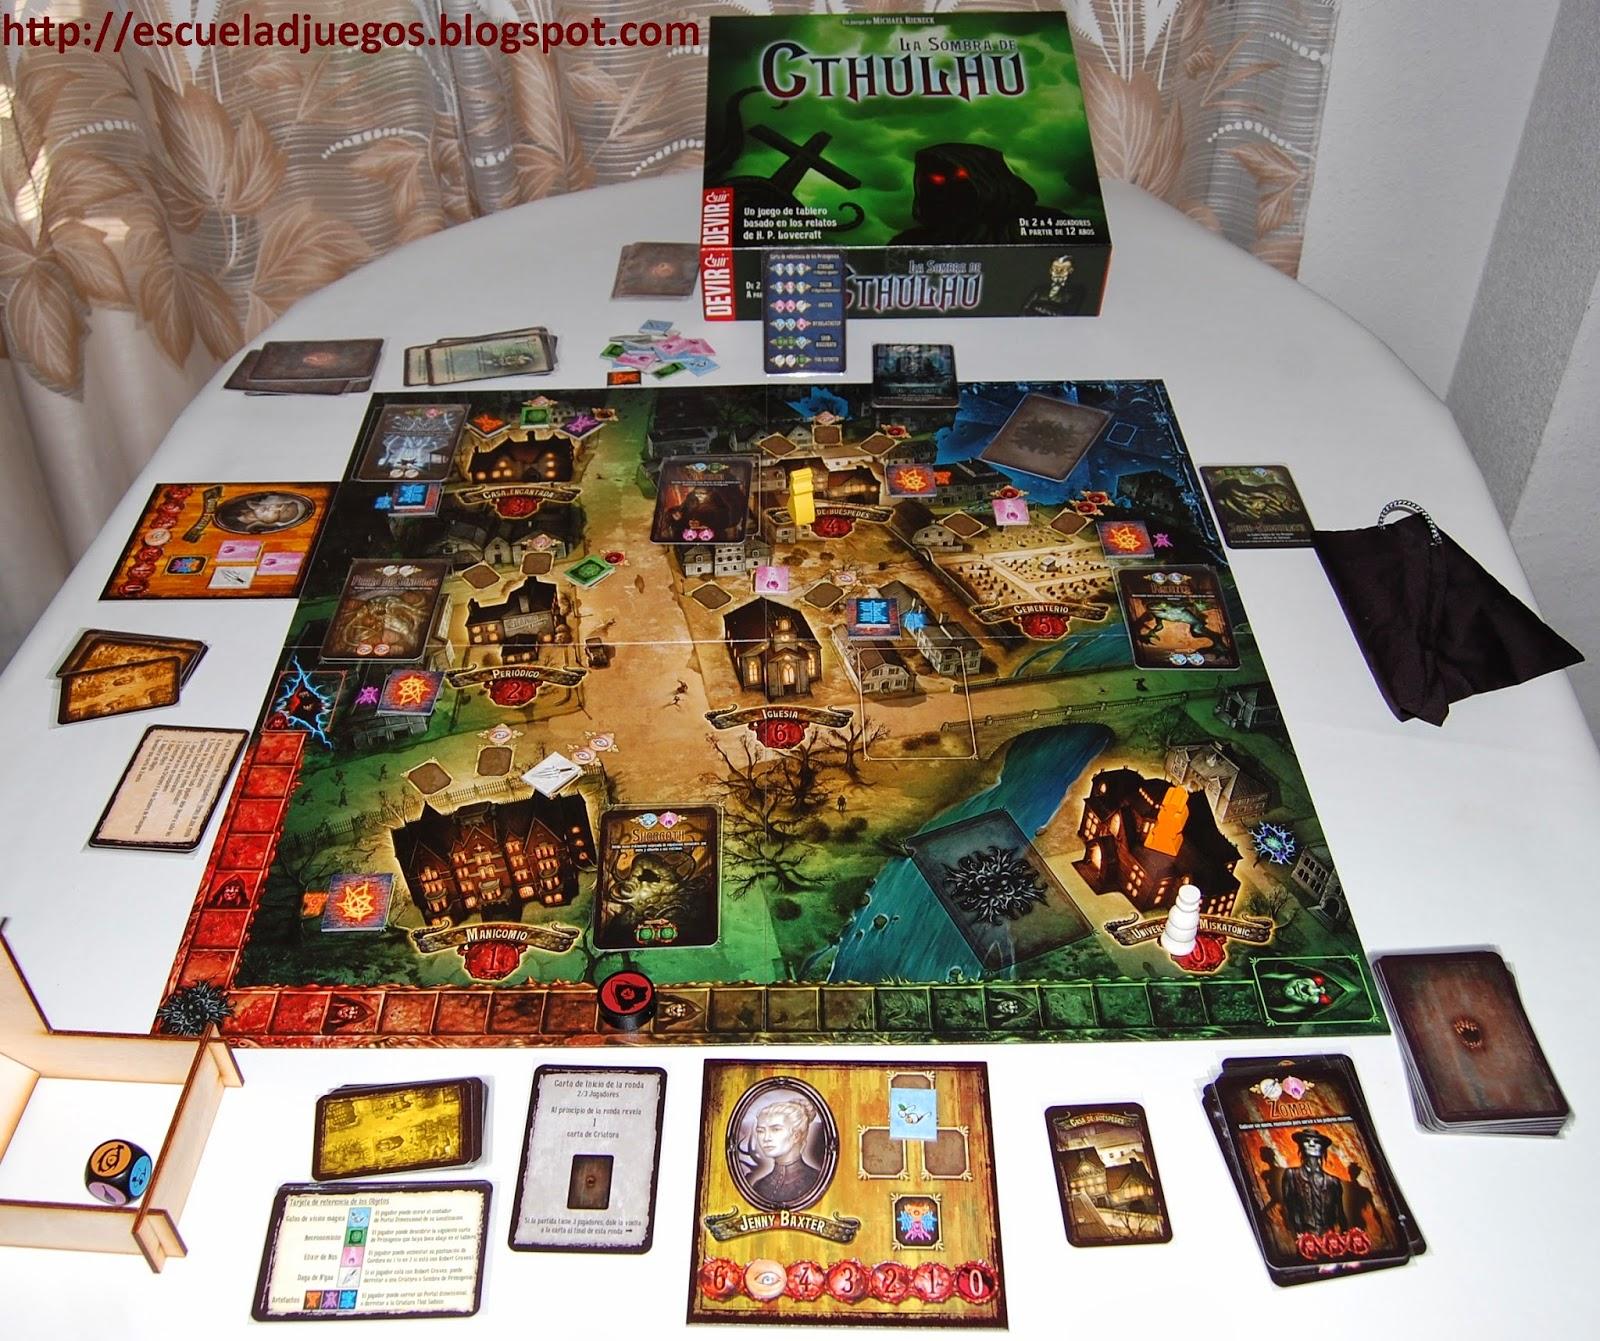 Reseña de La sombra de Cthulhu, juego de mesa cooperativo para hasta 4 jugadores ambientado en el mundo de H.P. Lovecraft y editado en español por Devir